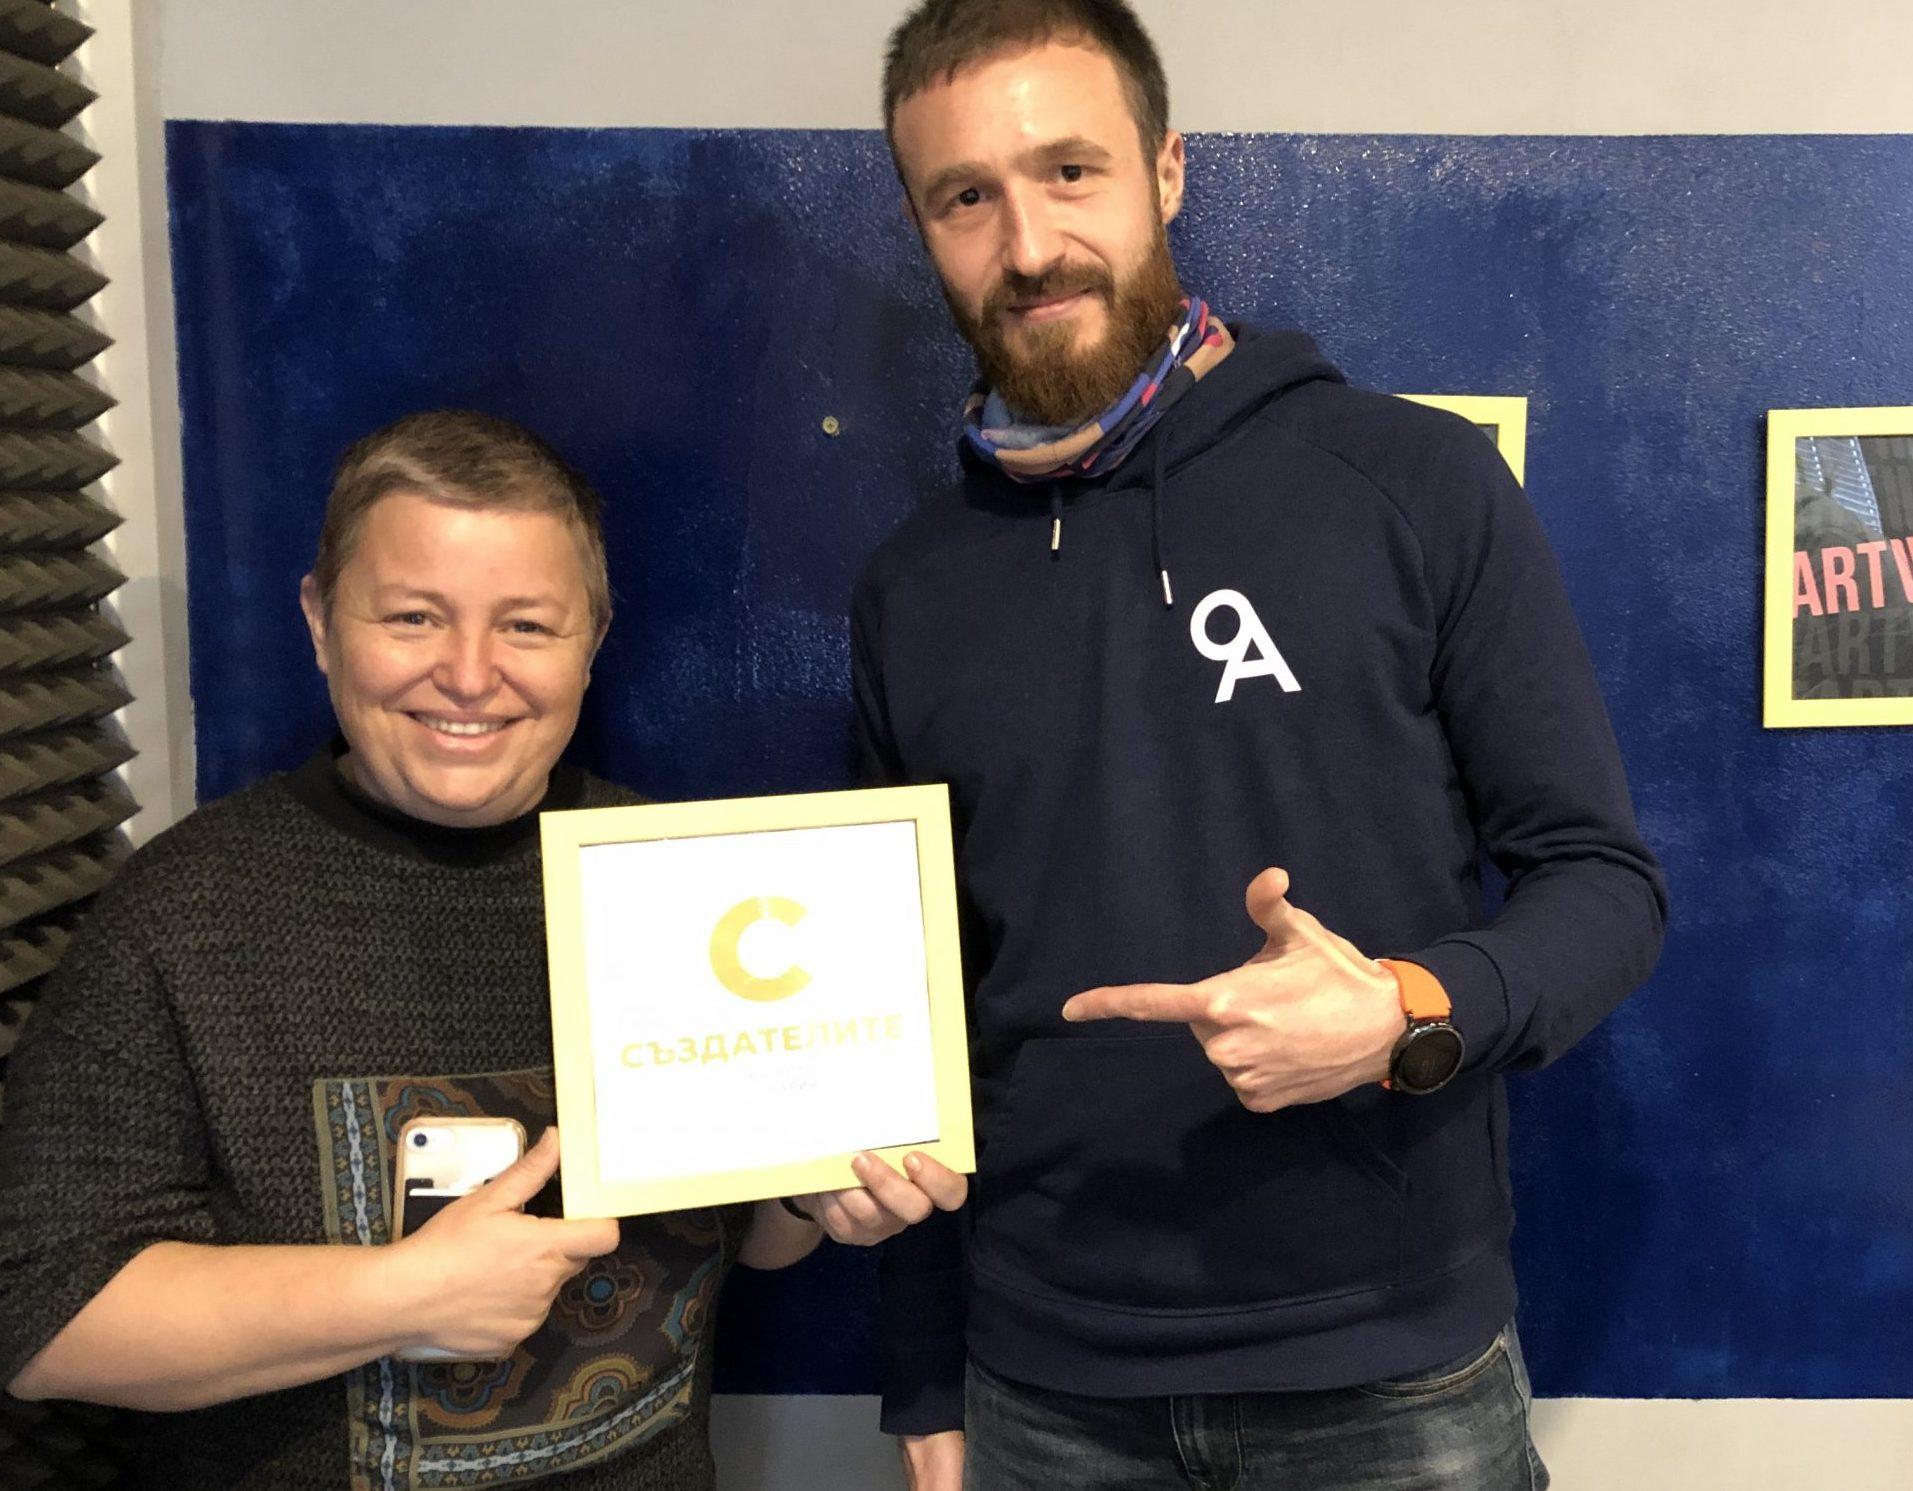 Байчо Георгиев за възможната дигитална кариера и 9 Academy